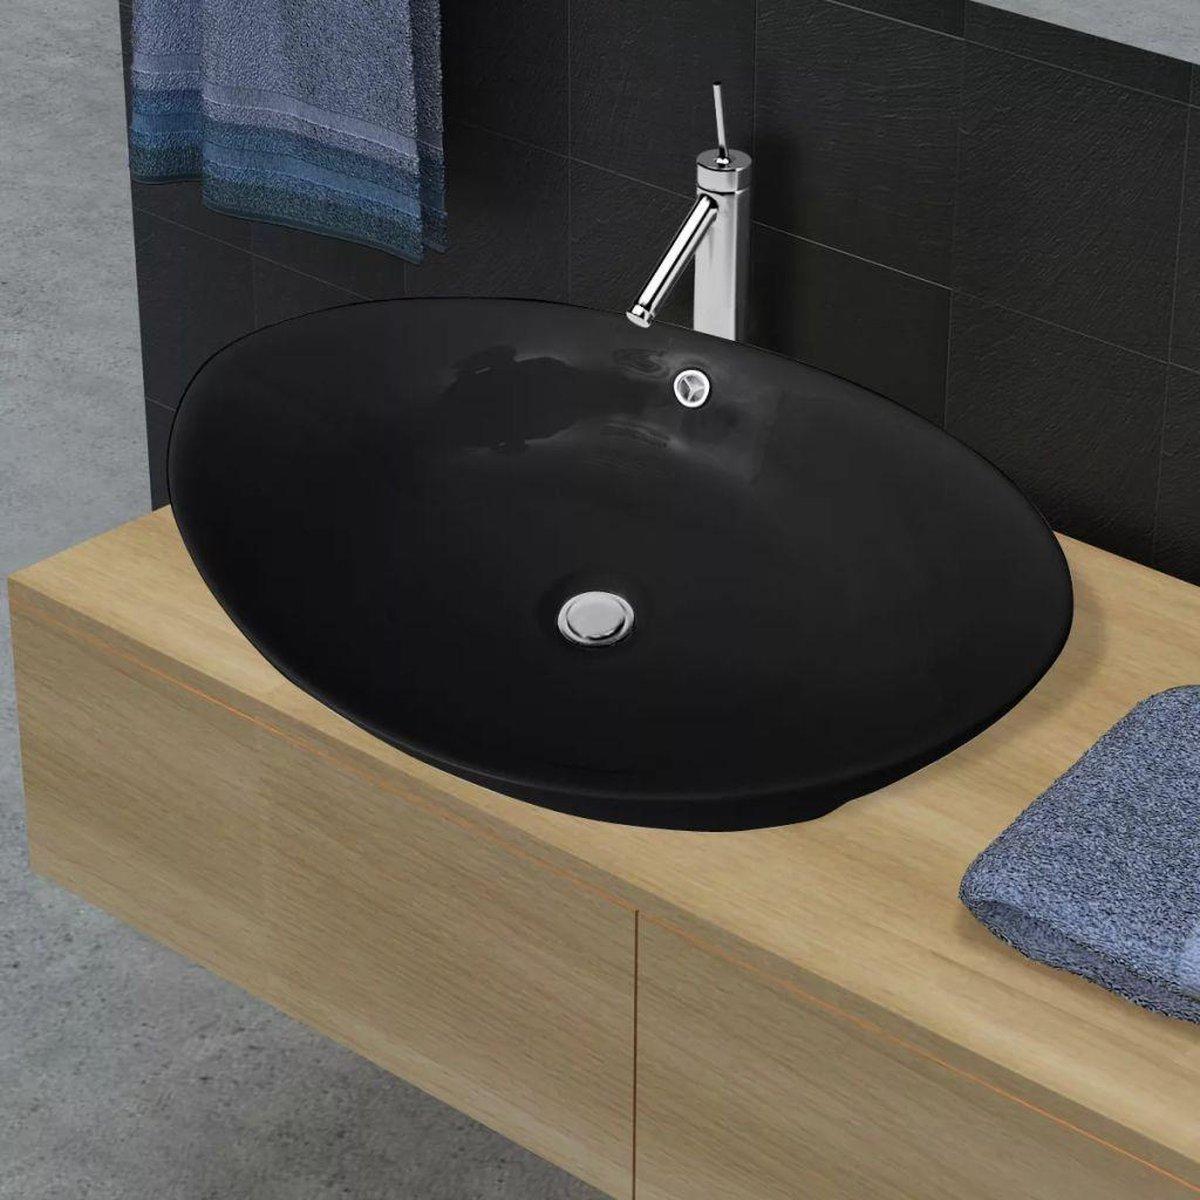 Wastafel met overloop zwart ovaal keramiek 59 x 38,5 cm